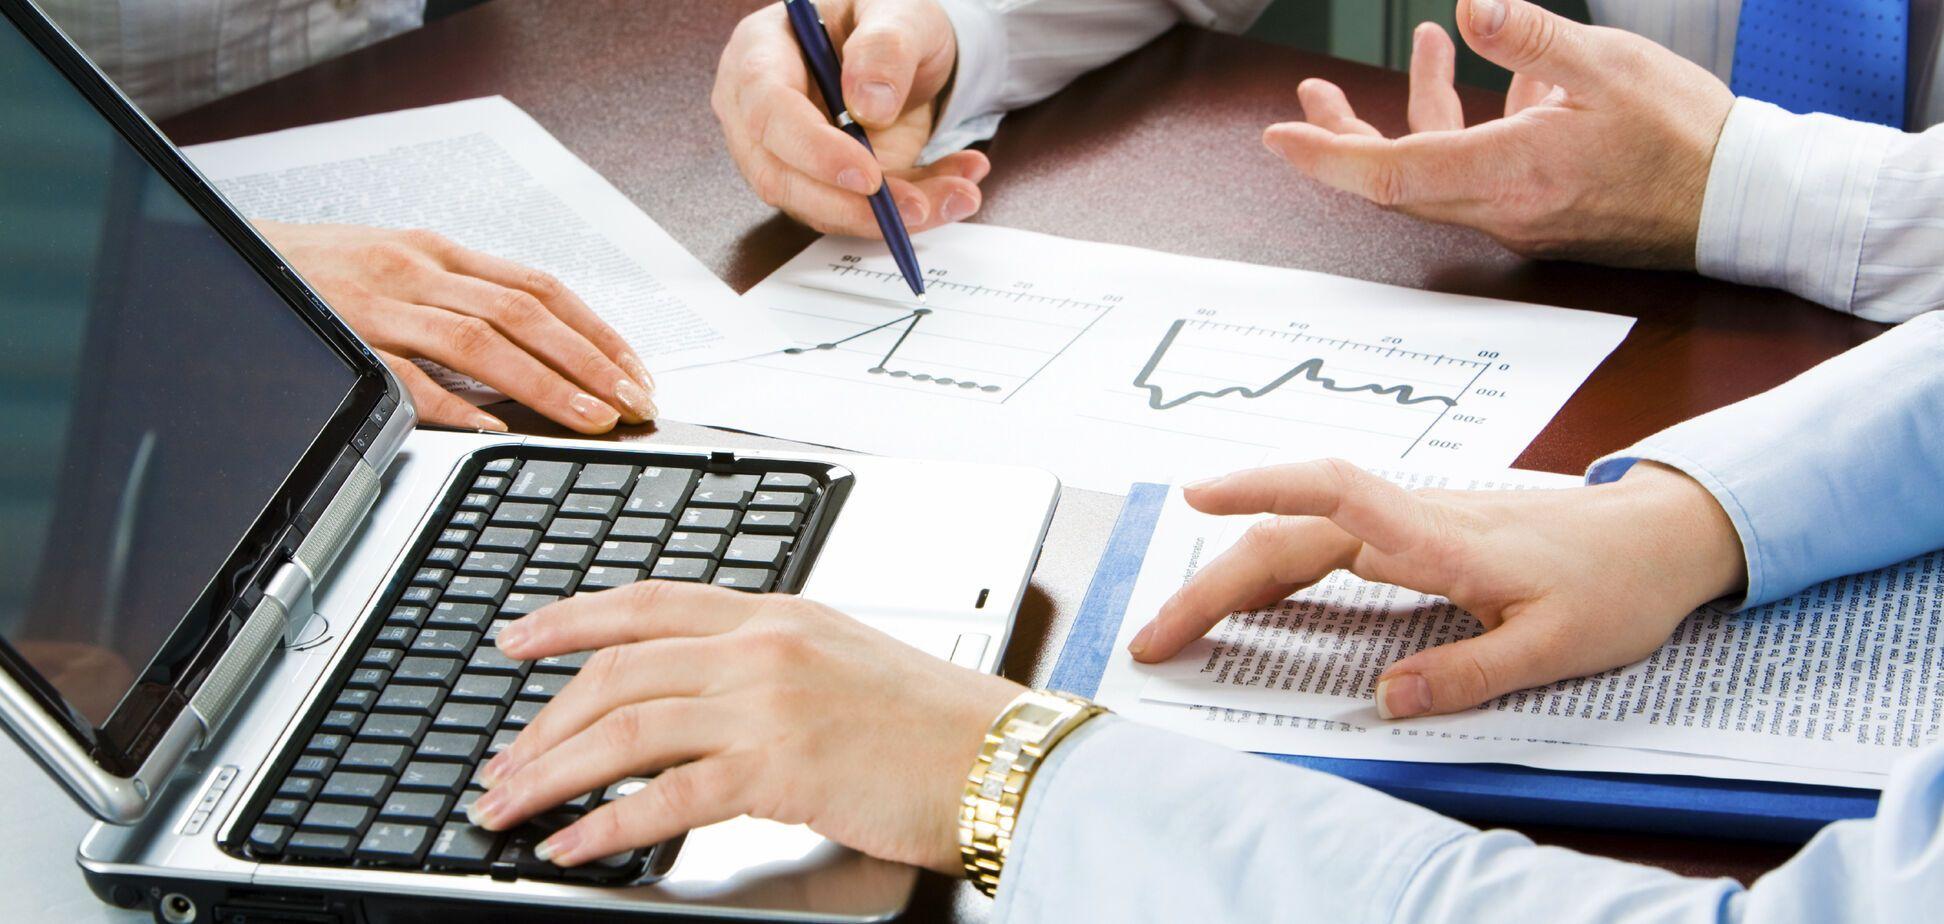 4 идеи для бизнеса, которым позавидовали бы Ротшильды